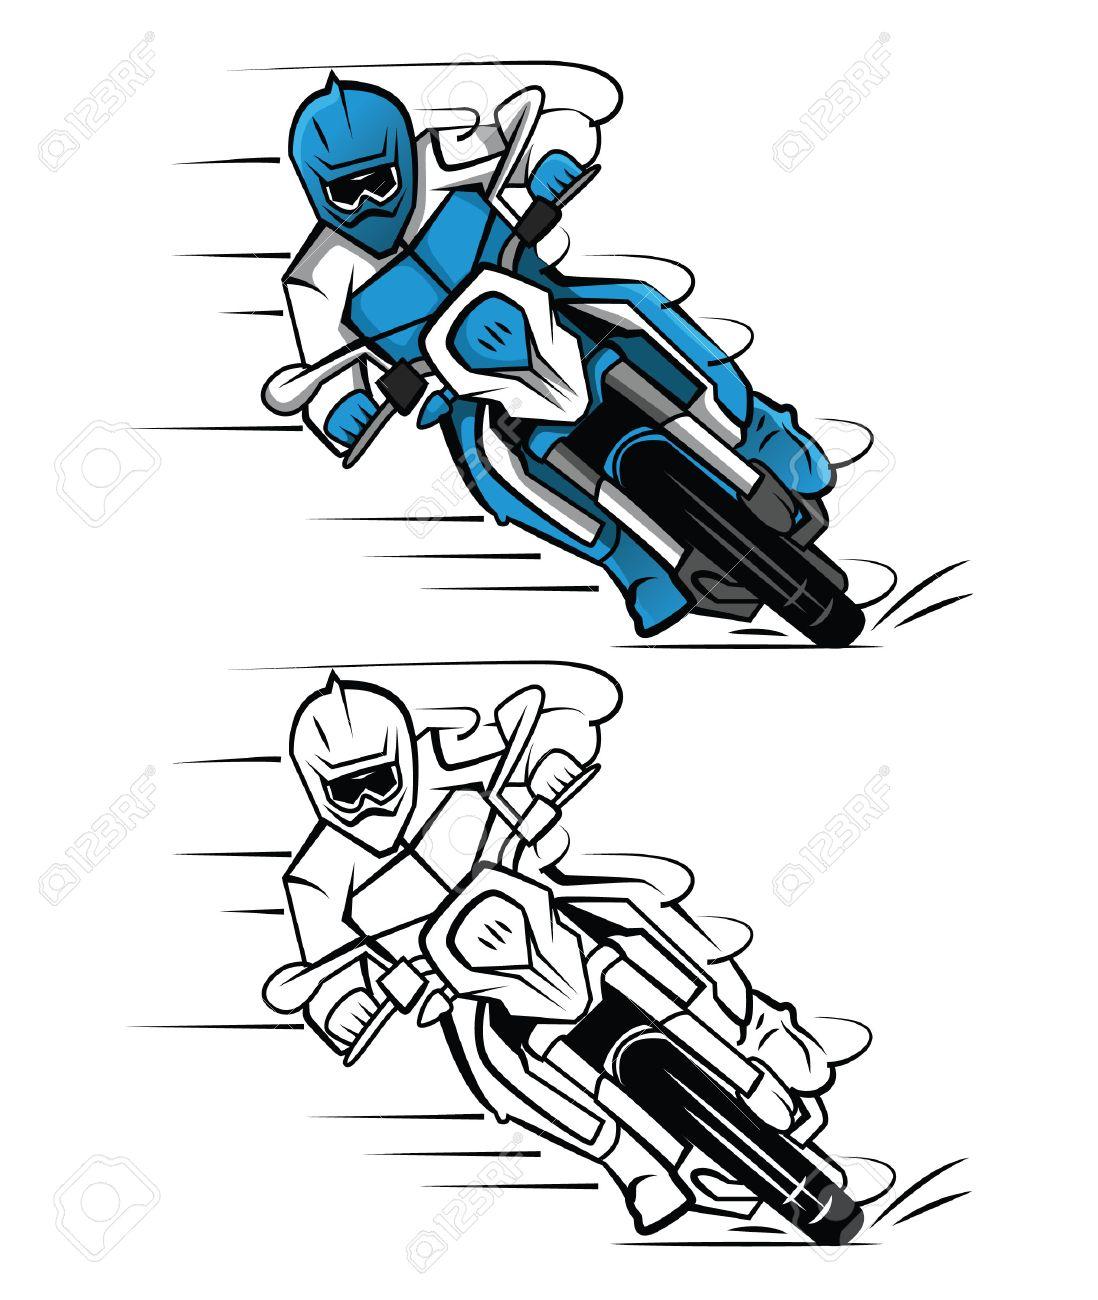 Personnage De Dessin Anime Livre De Coloriage Moto Cross Clip Art Libres De Droits Vecteurs Et Illustration Image 37581115